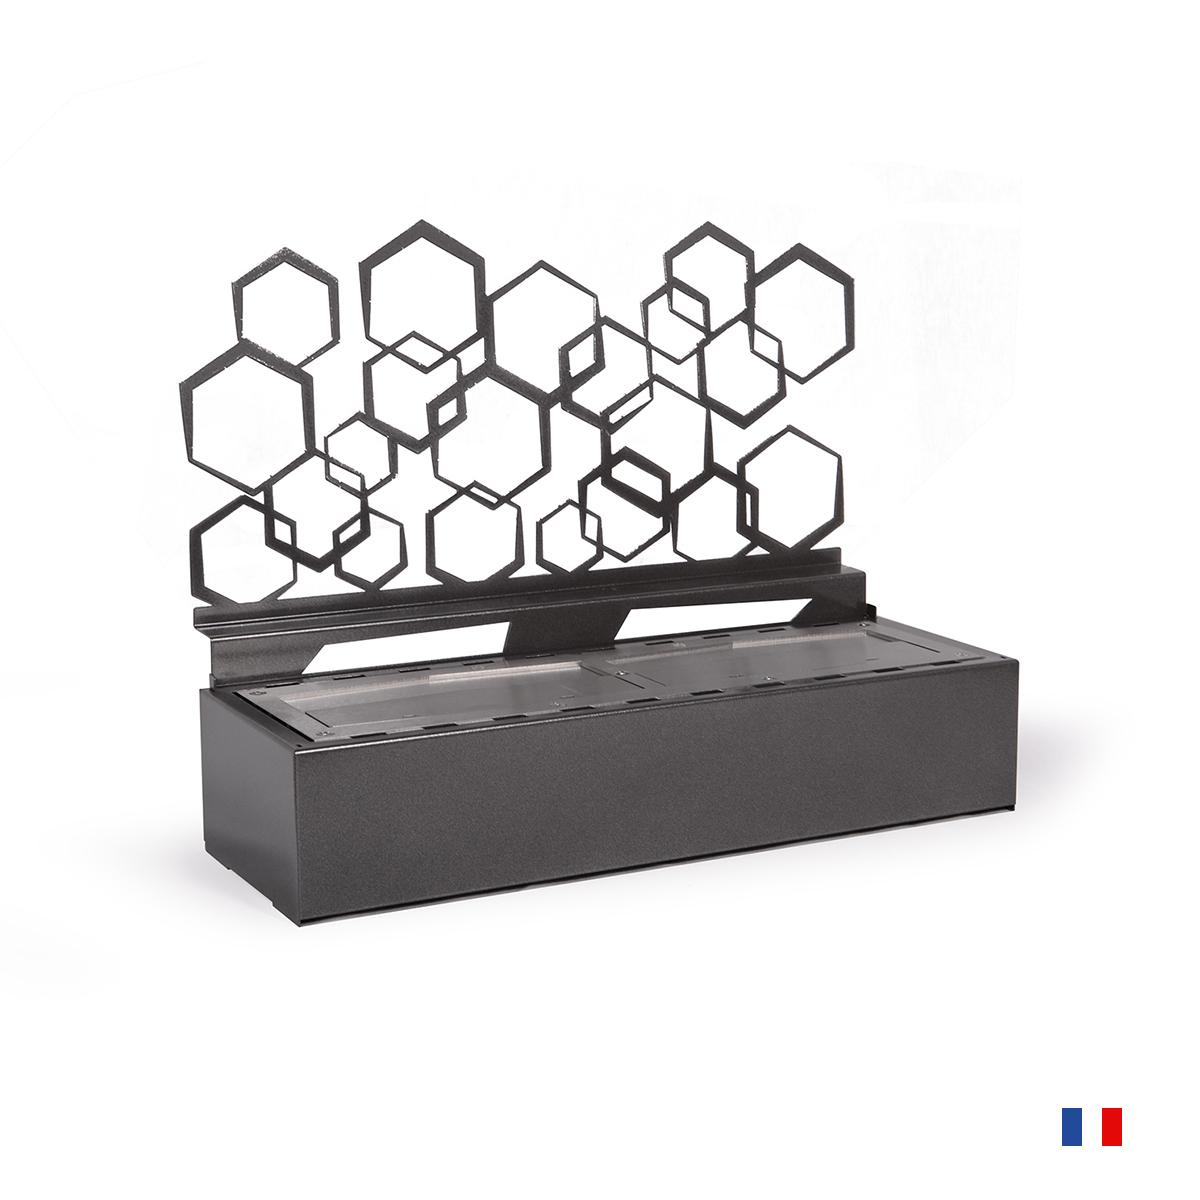 Cheminée Éthanol À Poser Toulouse - Hexagonal - Paris destiné Cheminée Toulouse